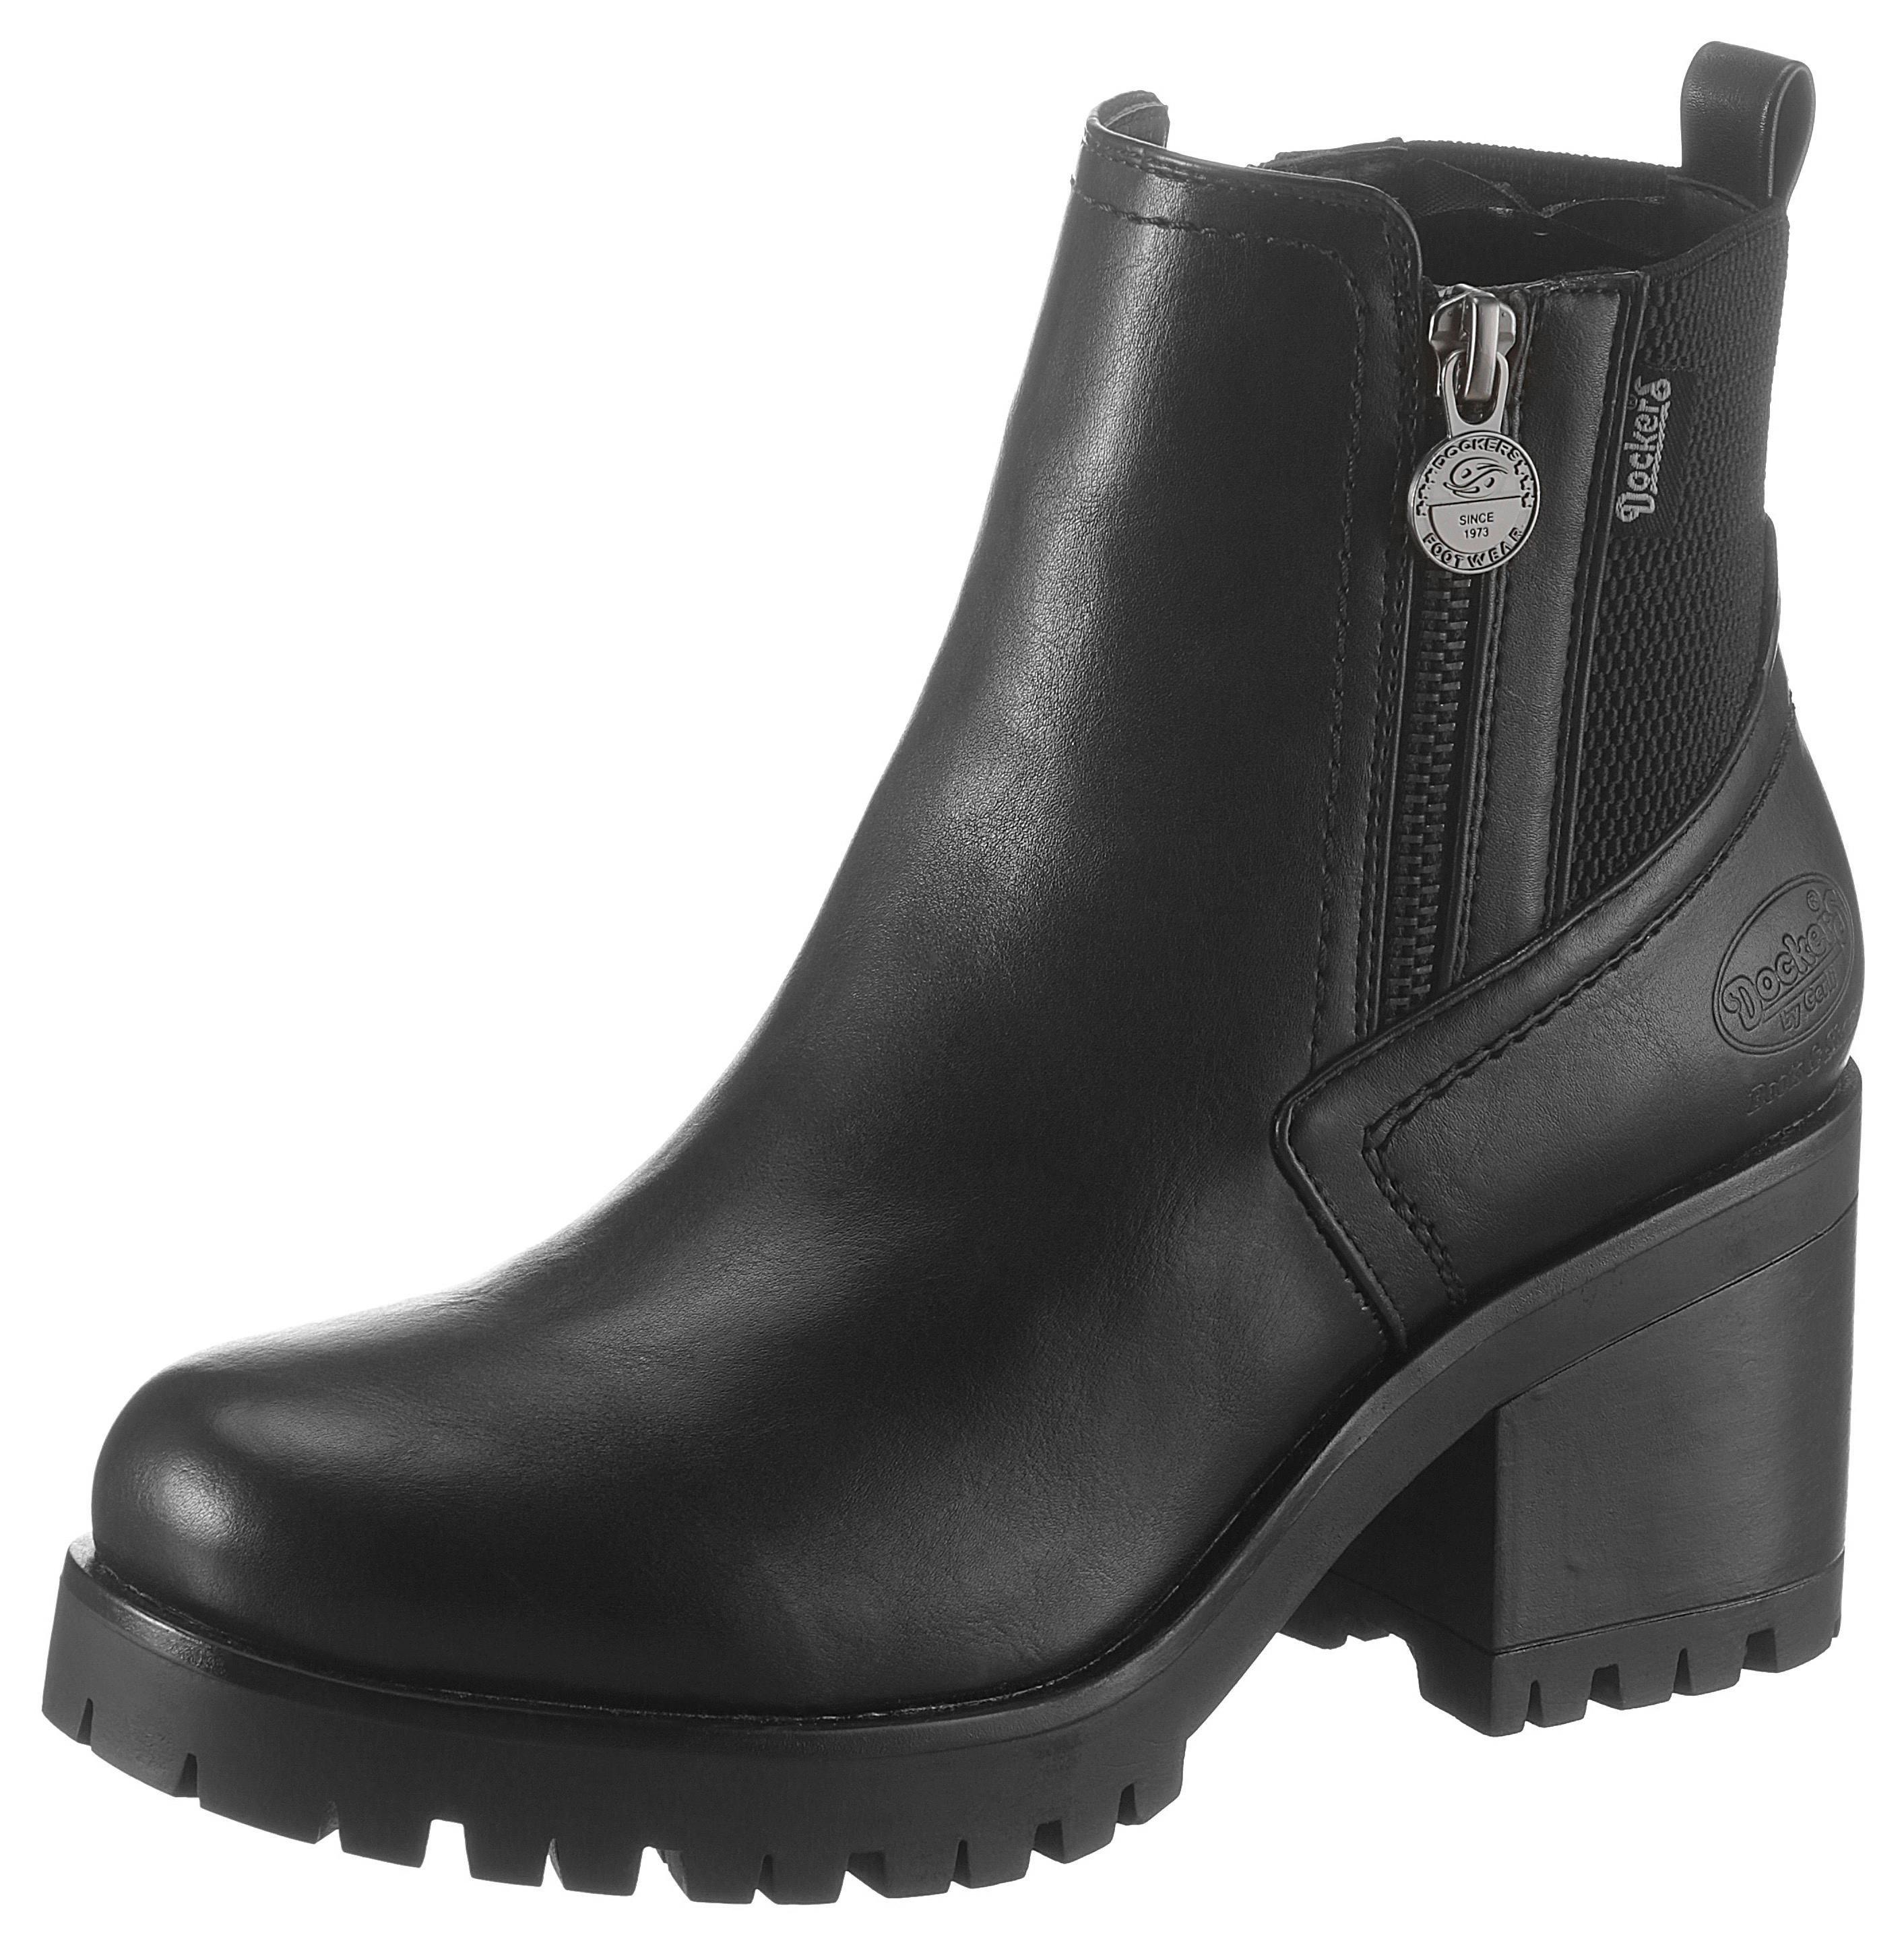 Dockers by Gerli Chelsea-boots met stretchinzet nu online kopen bij OTTO